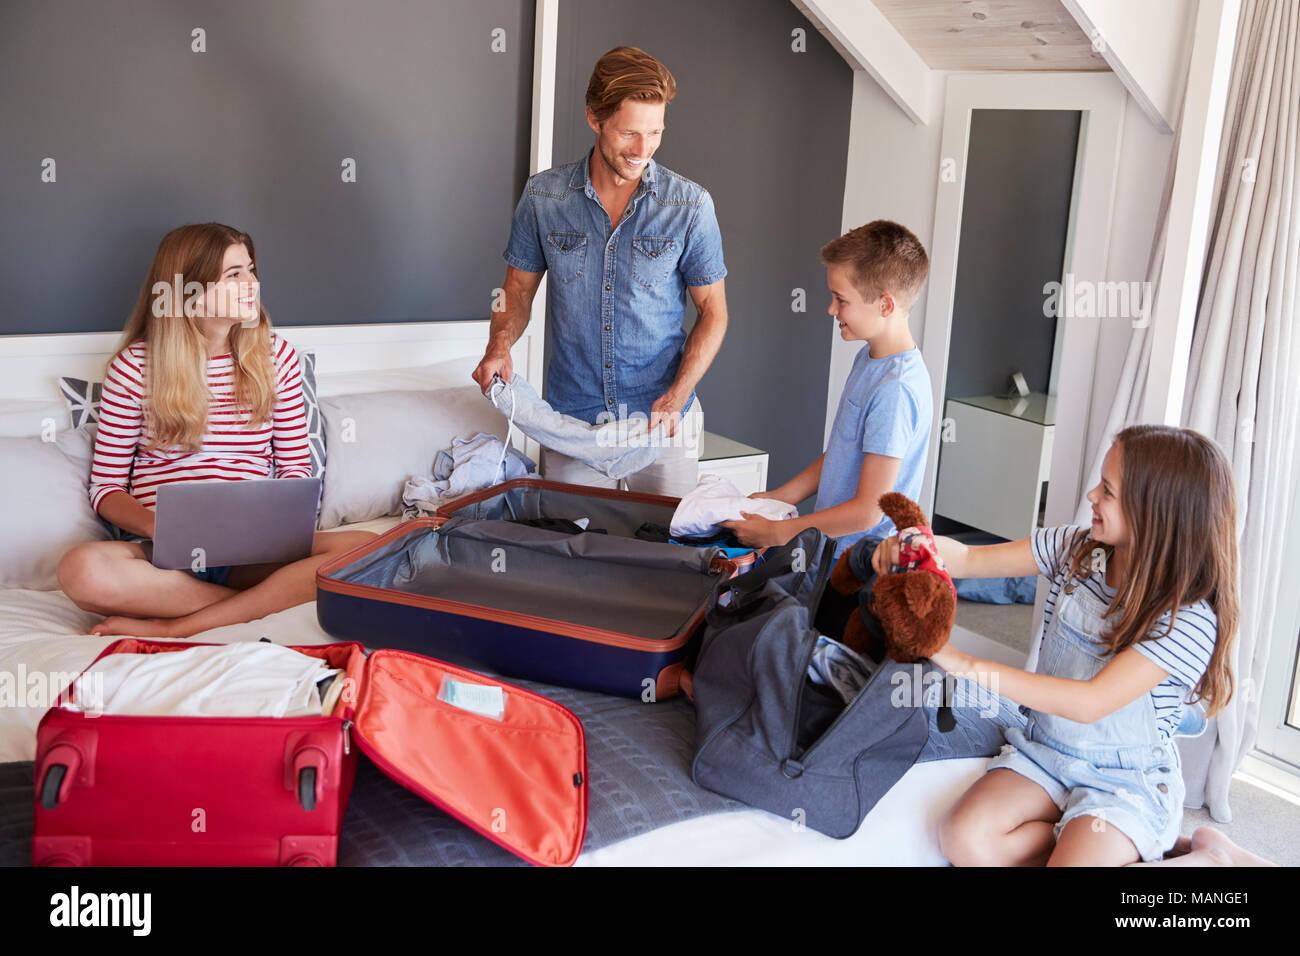 Famiglia In camera da letto Pack valigie per le vacanze e per uso portatile Immagini Stock